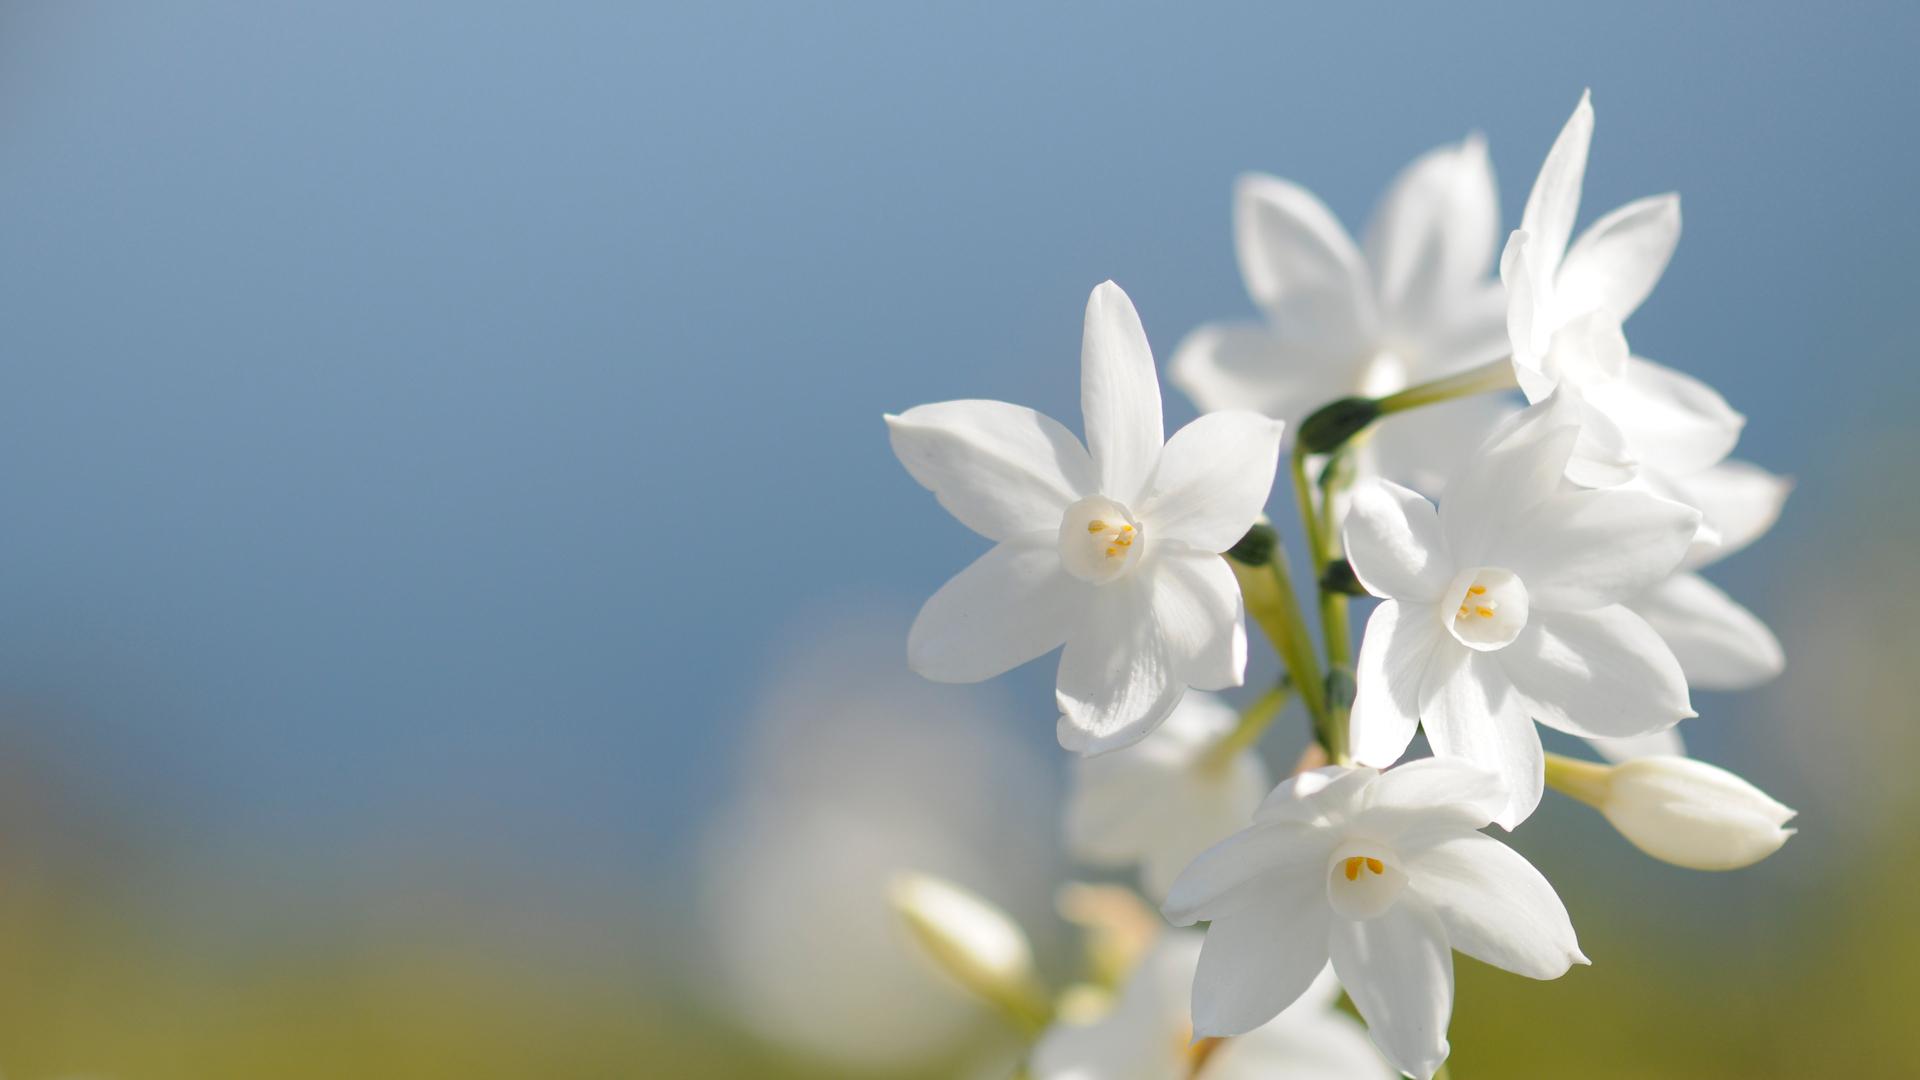 17343 скачать обои Растения, Цветы - заставки и картинки бесплатно